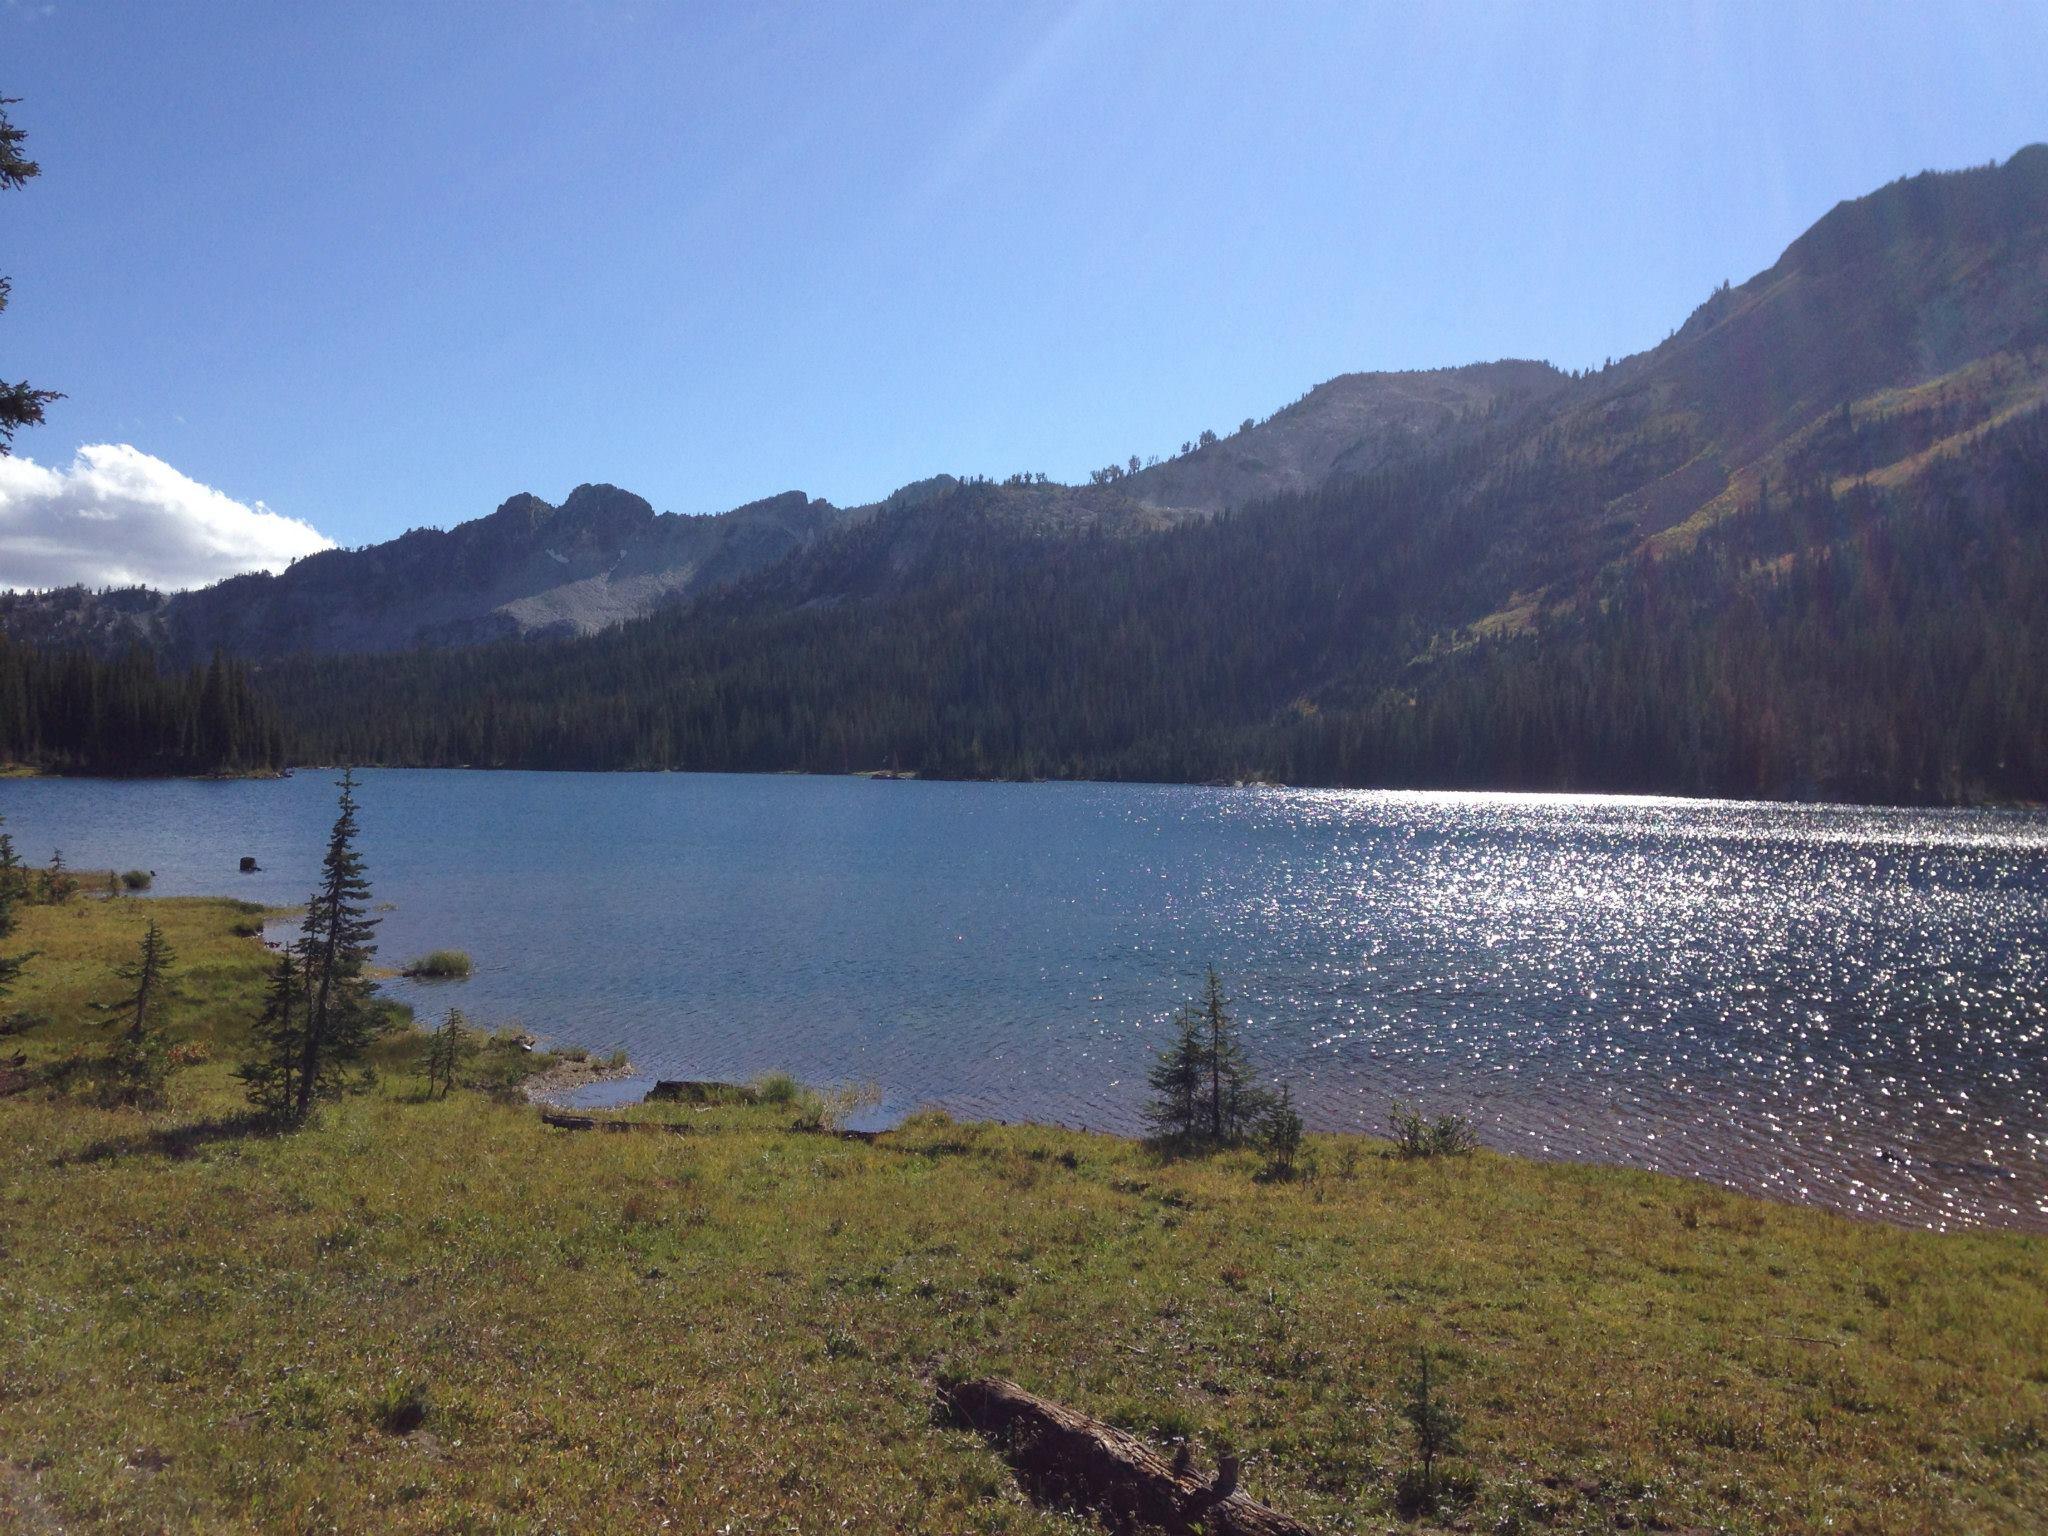 Minam Lake